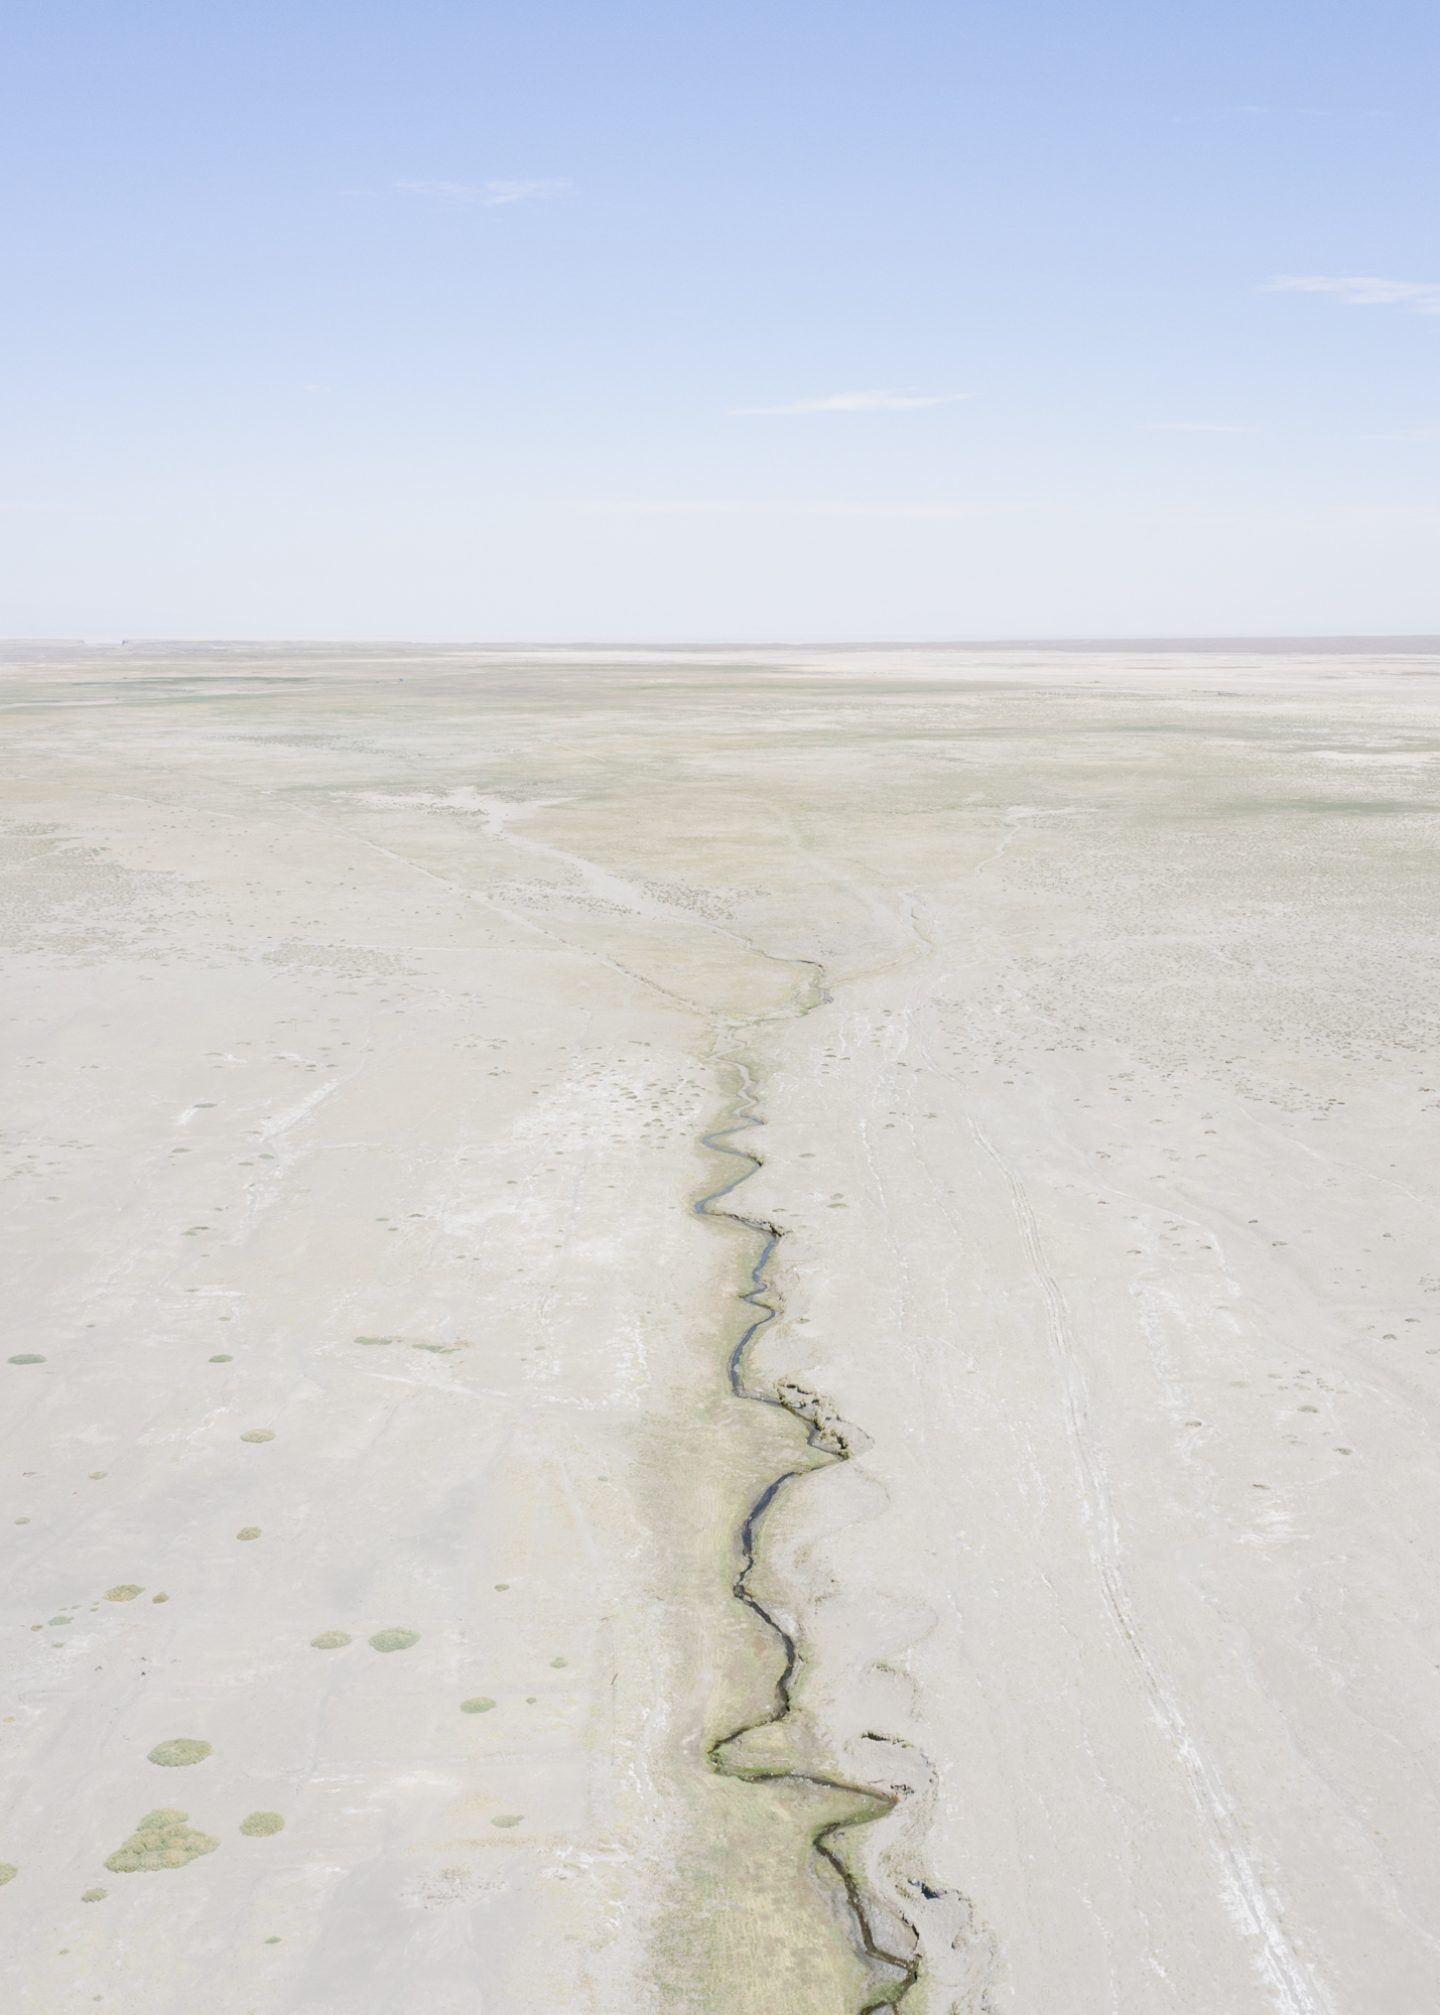 IGNANT-Photography-Marco-Szegers-Water-Mining-Exodus-02